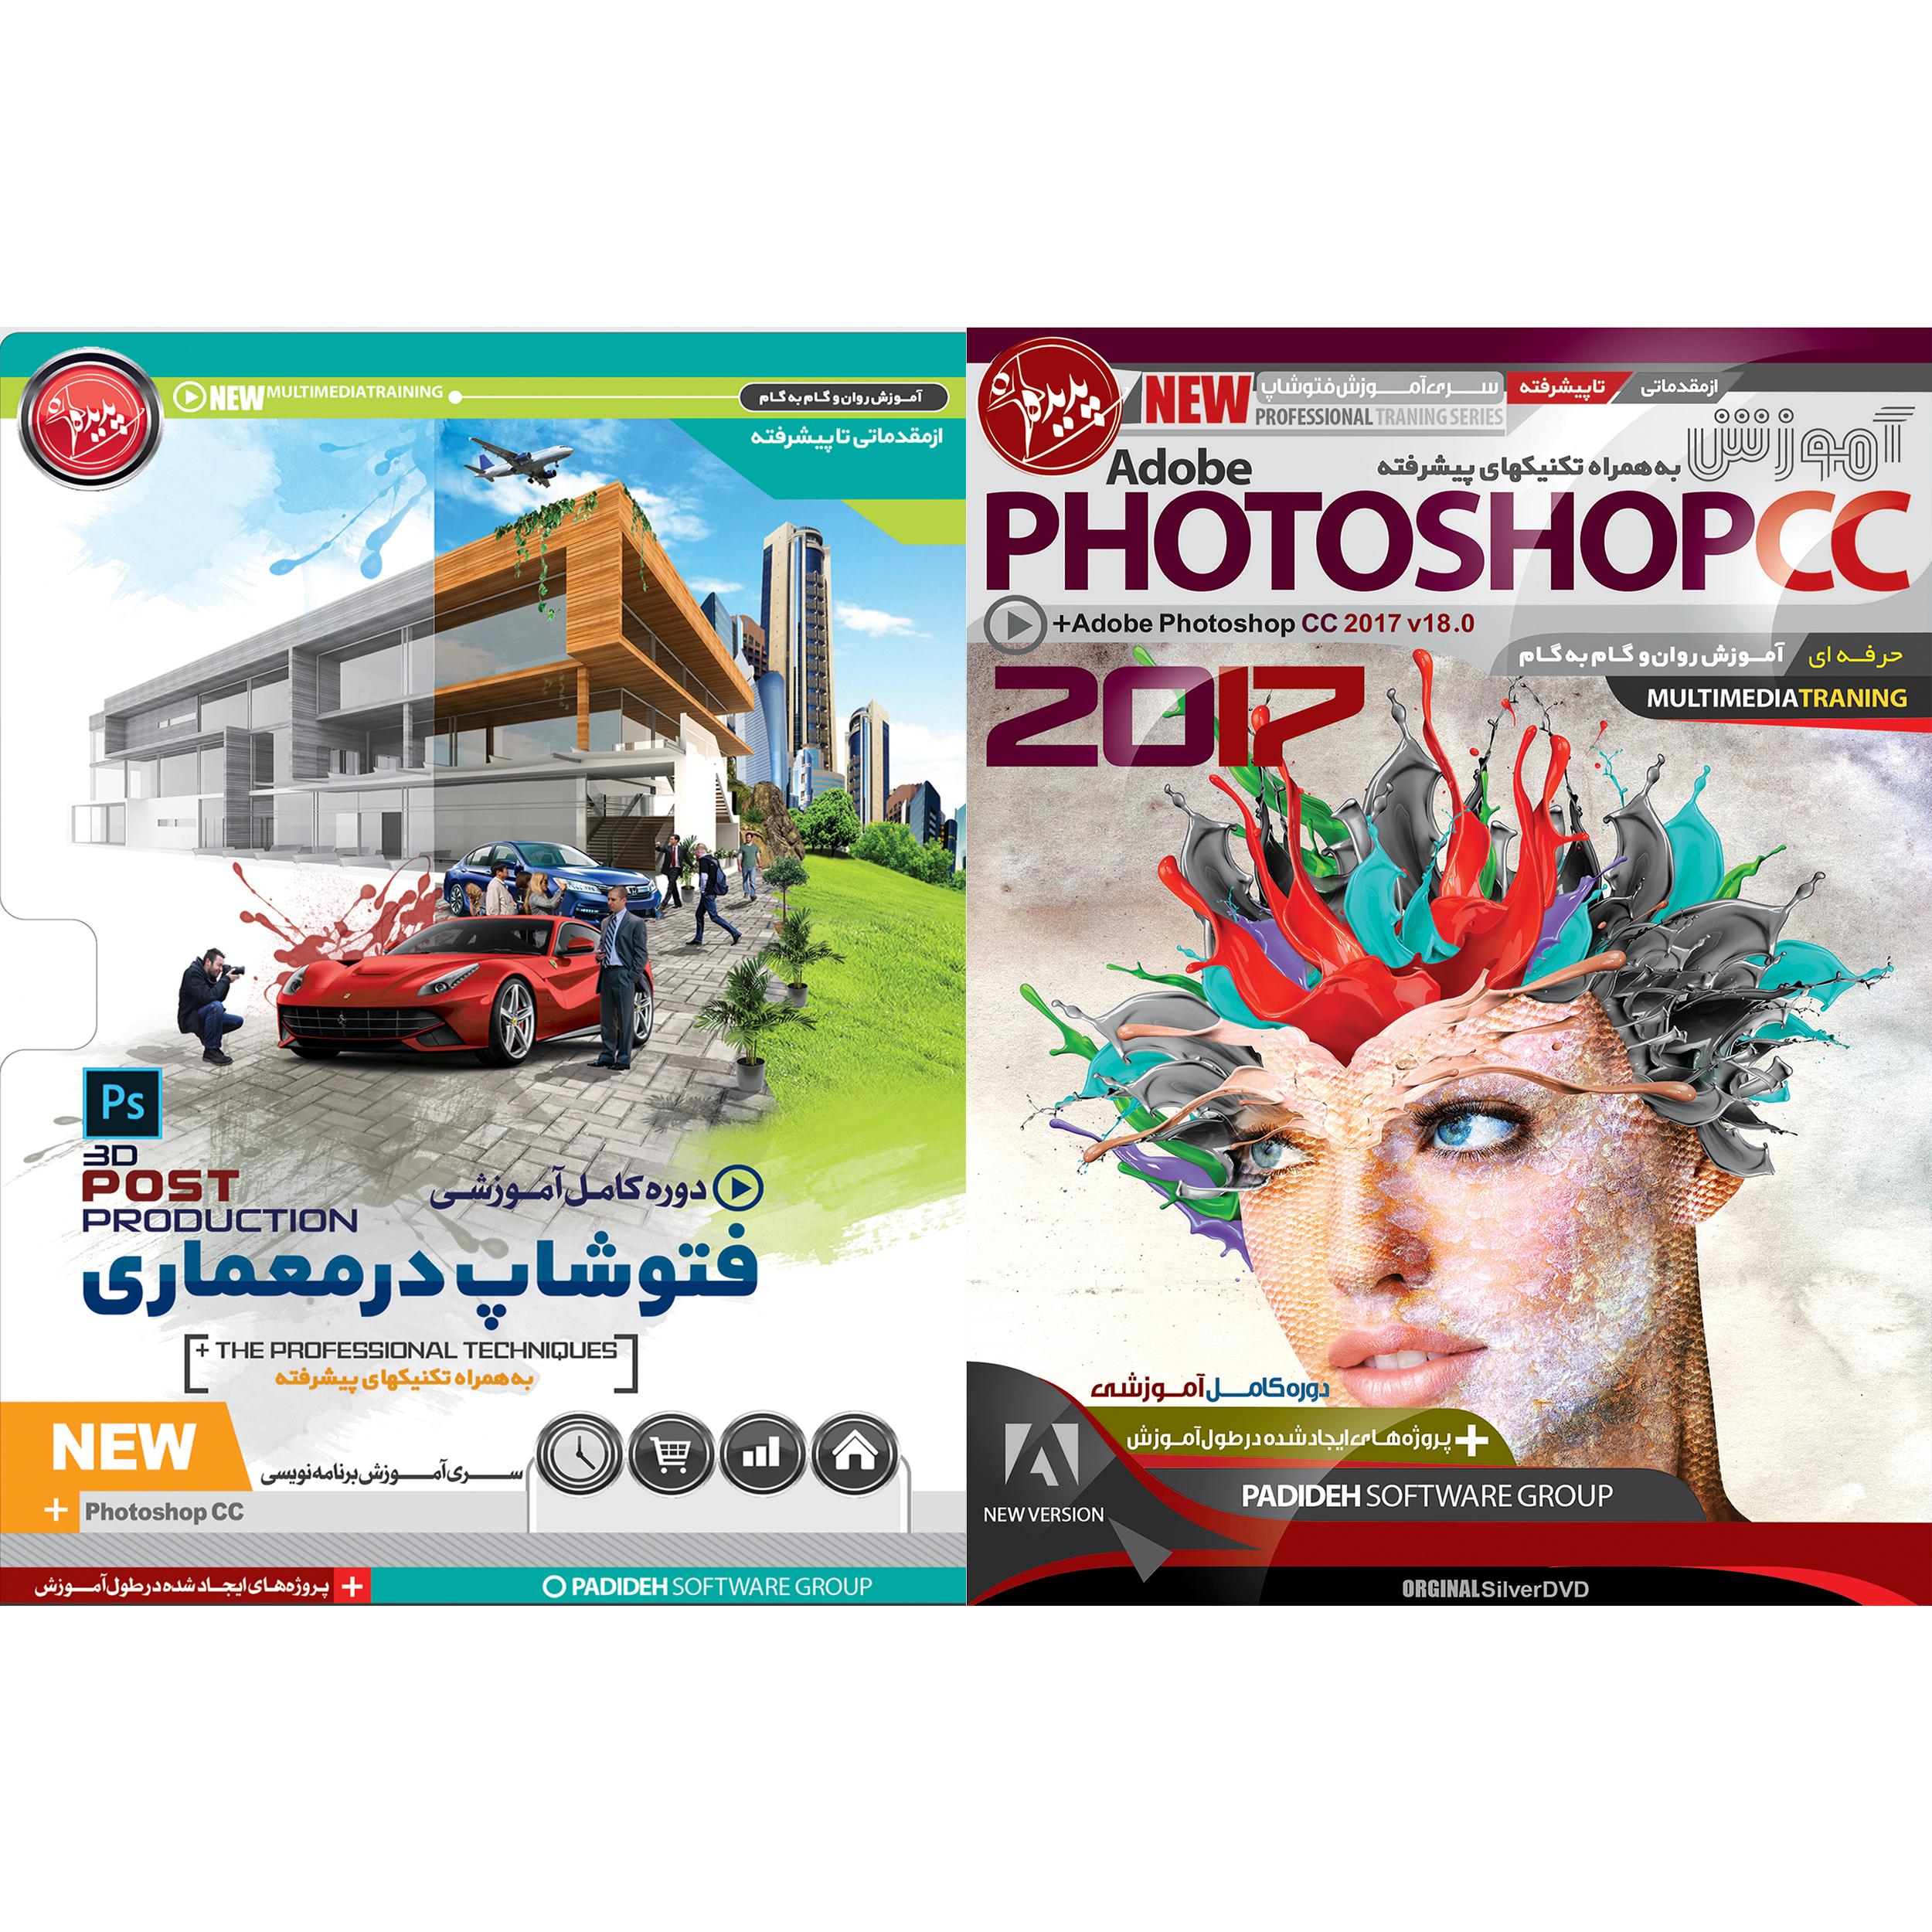 نرم افزار آموزش PhotoShop CC نشر پدیده به همراه نرم افزار آموزش فتوشاپ در معماری POST PRODUCTION نشر پدیده